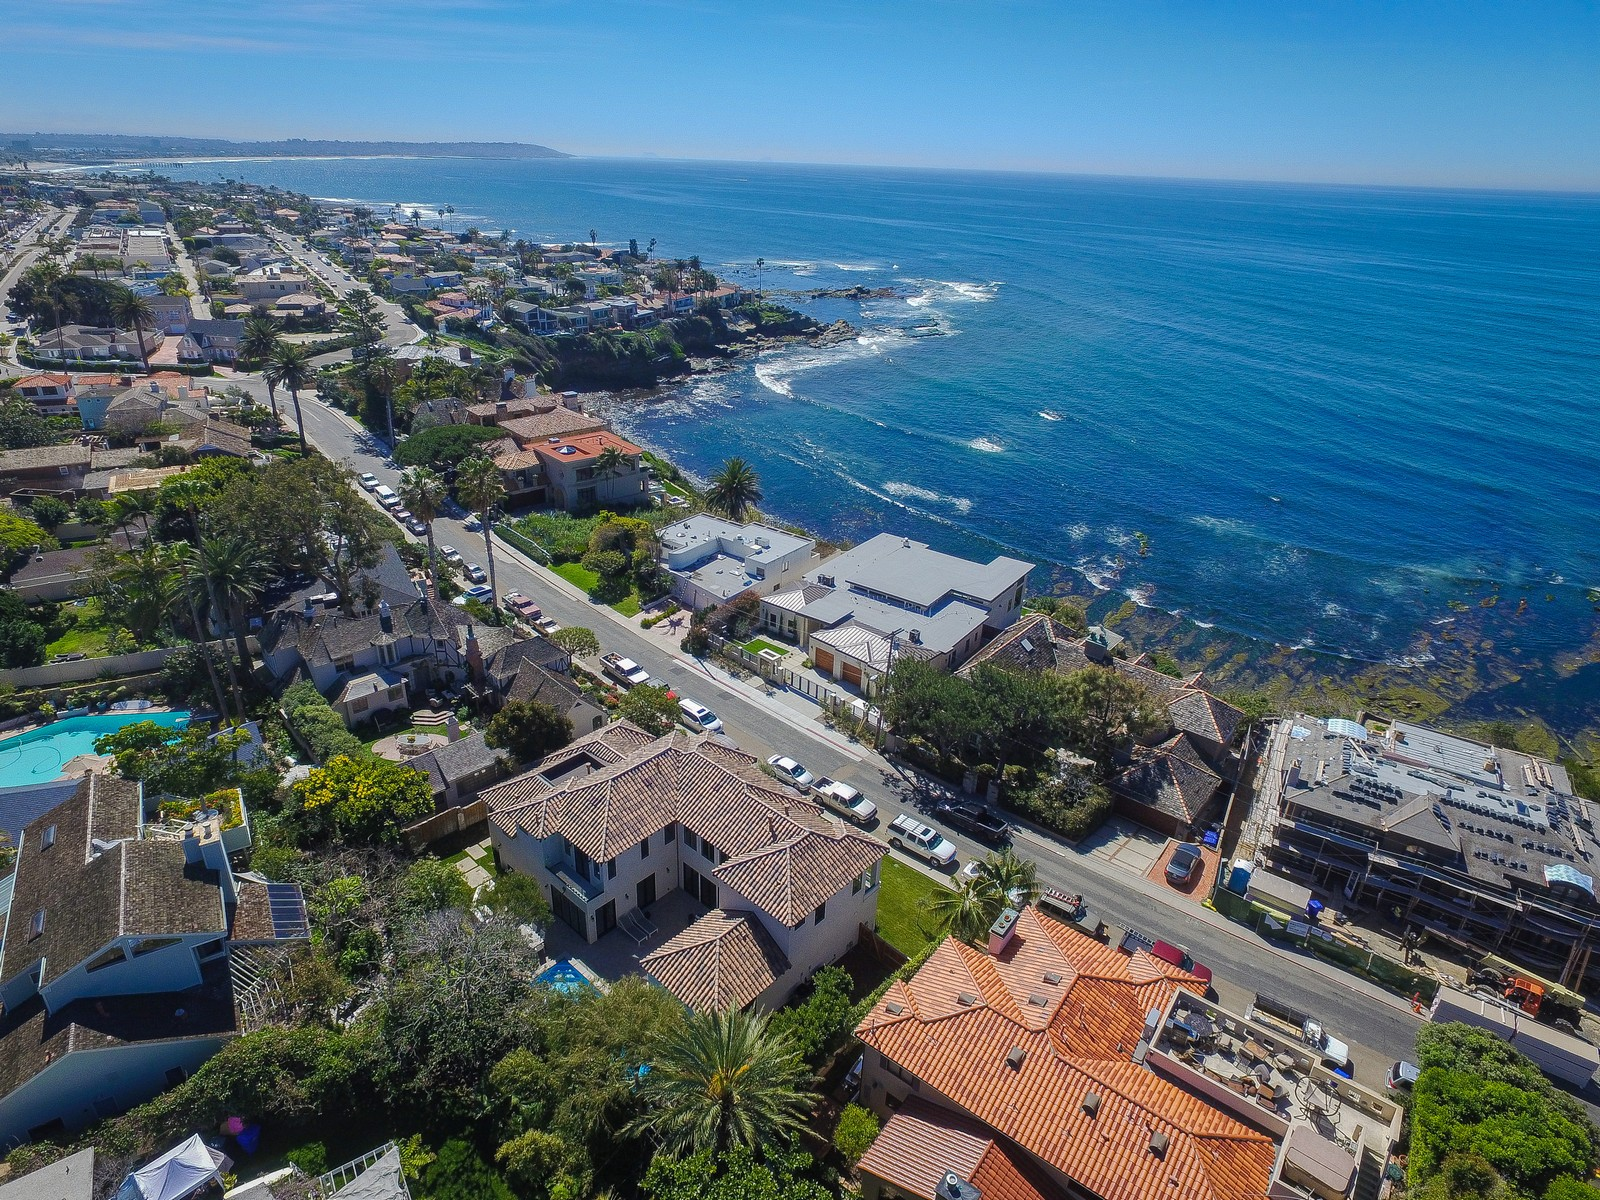 Villa per Vendita alle ore 5915 Camino De La Costa La Jolla, California, 92037 Stati Uniti